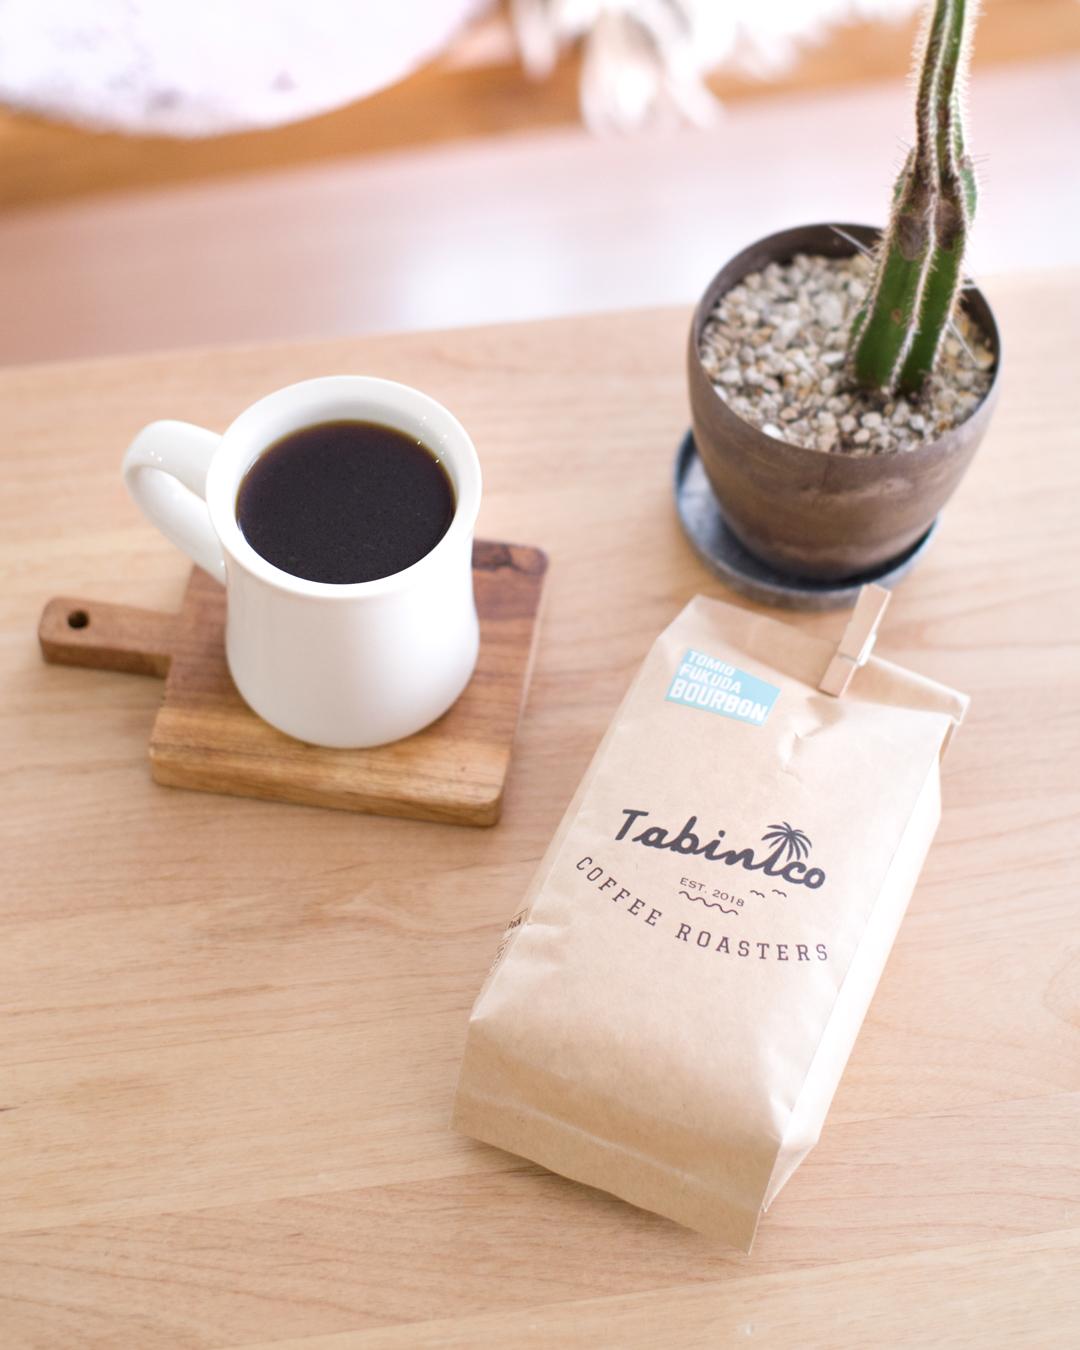 ニコイチさんのtabinicoコーヒー